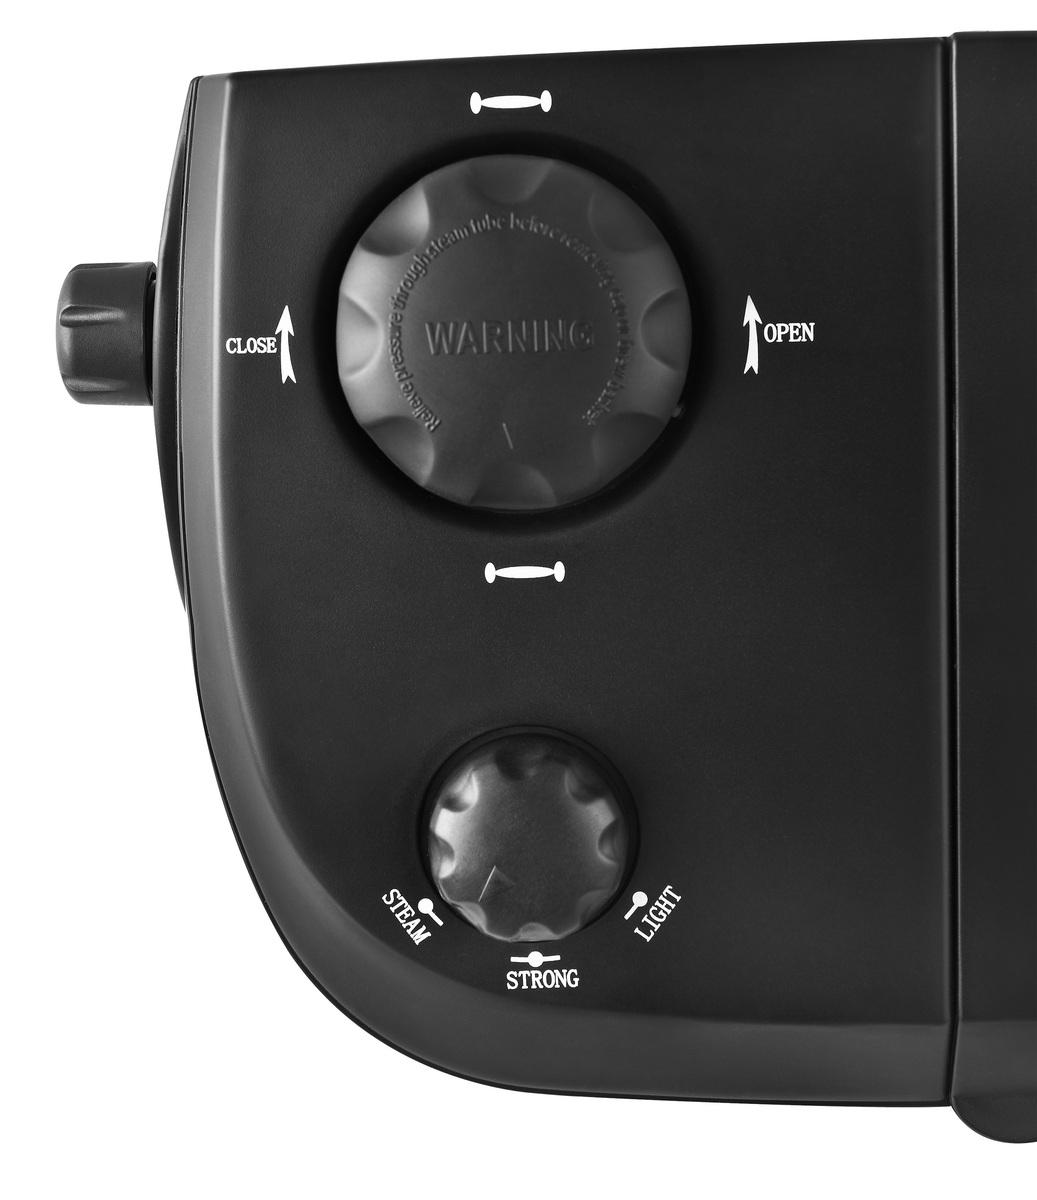 Bild 5 von Kalorik 2 in 1 Espresso- und Kaffeekombiautomat TKG EXP 1001 C mit Kaffee- und Espressokanne